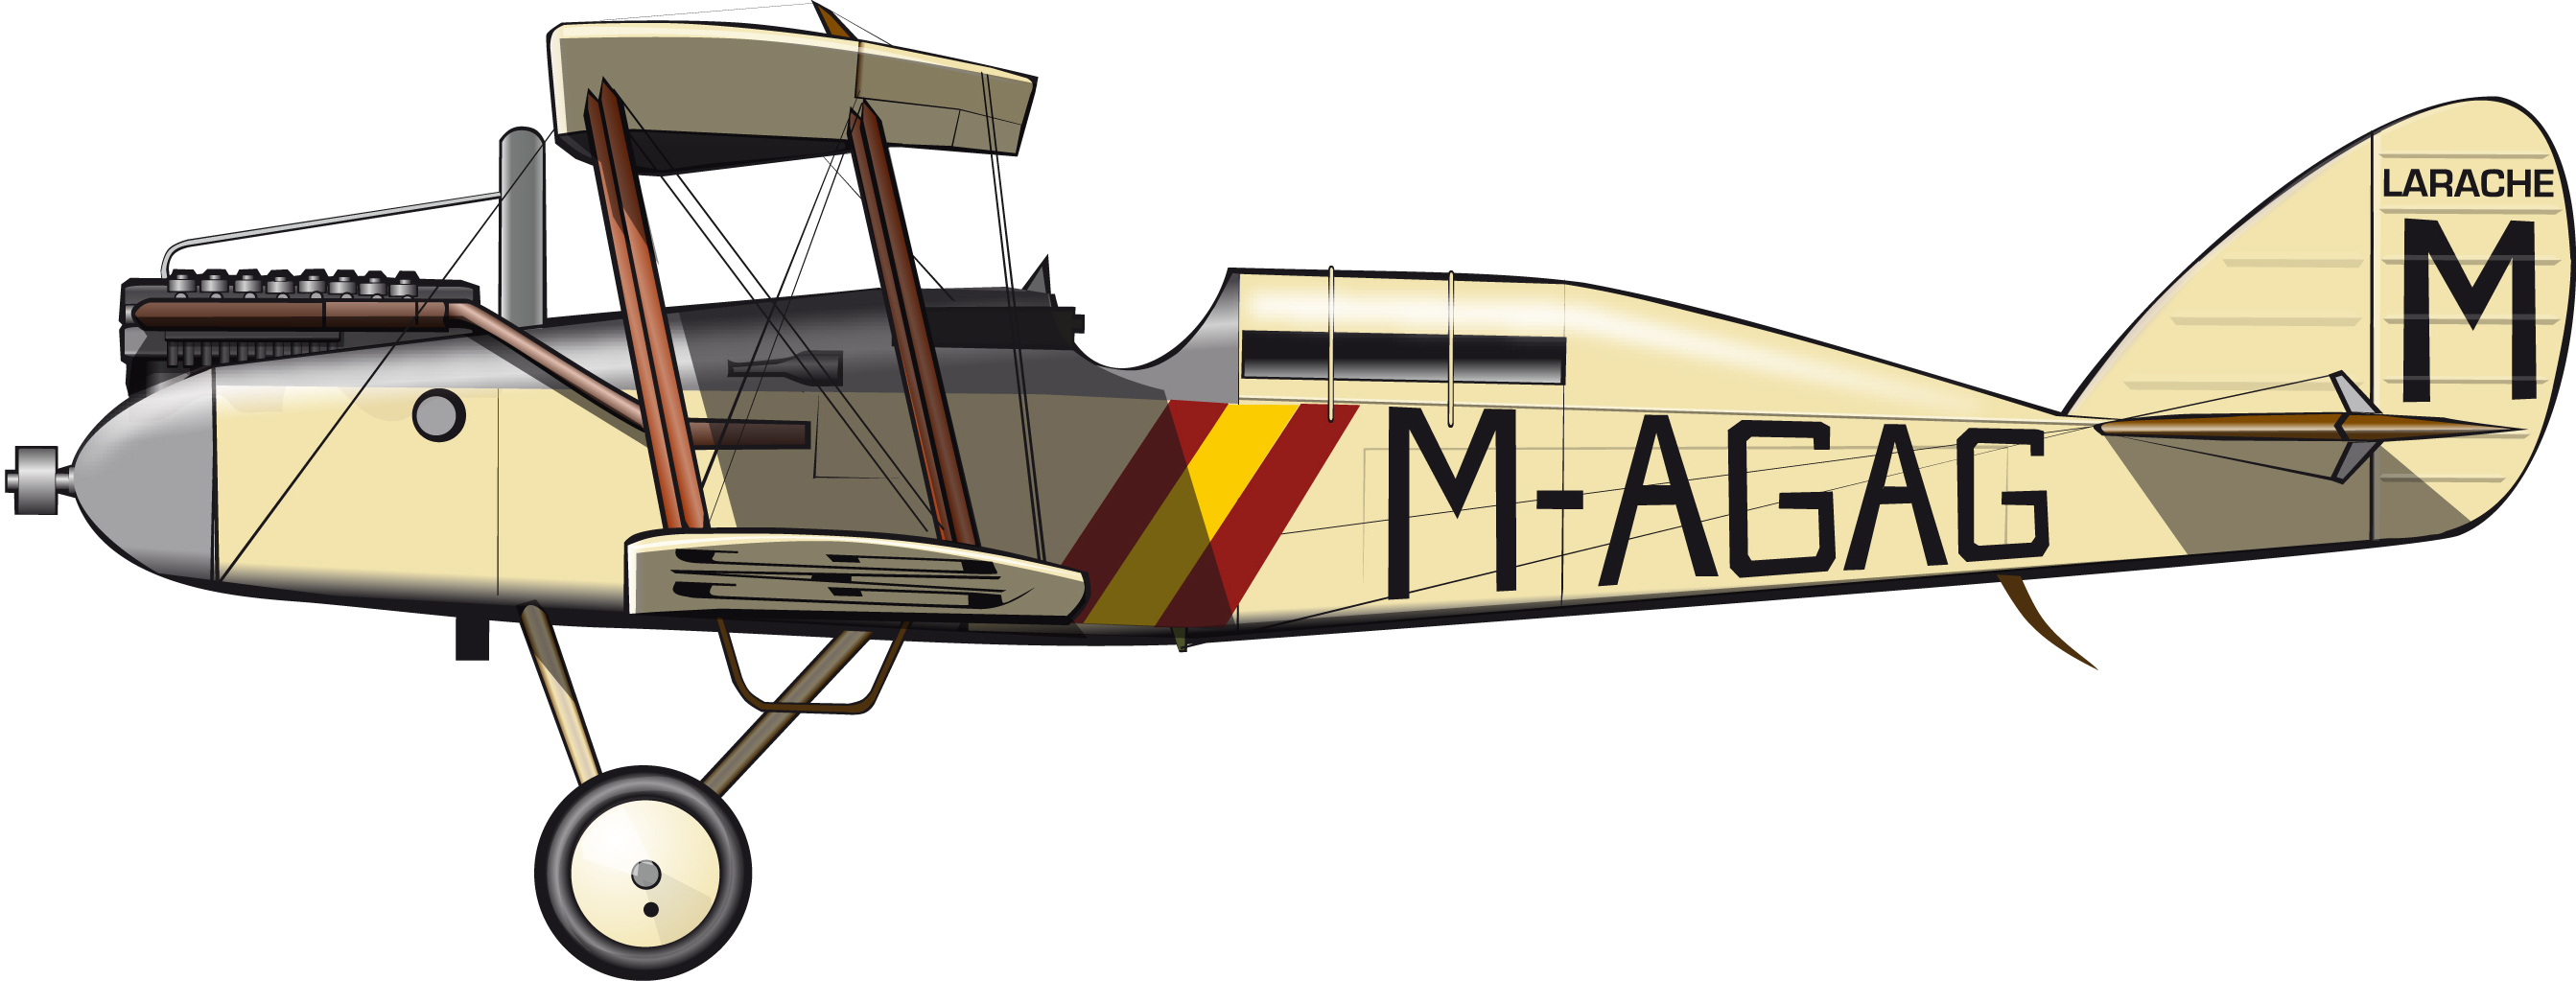 DH9ceta1921